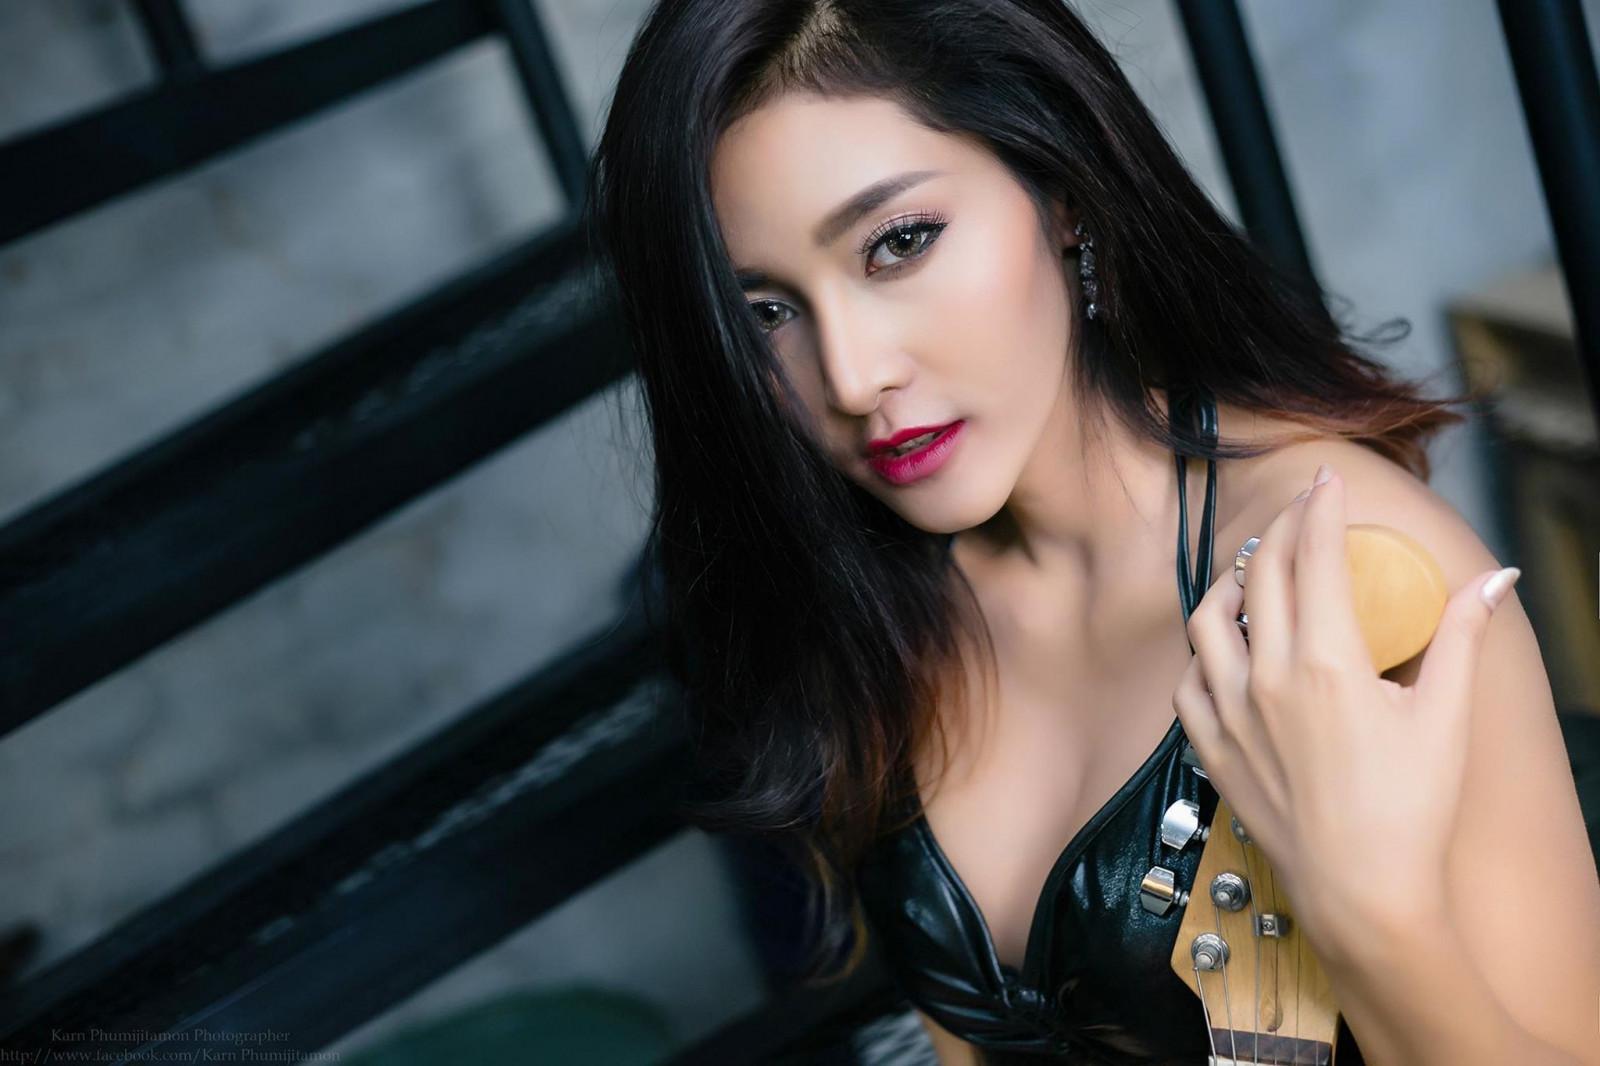 Wallpaper Women Model Long Hair Asian Singer Blue: Wallpaper : Model, Long Hair, Brunette, Glasses, Asian